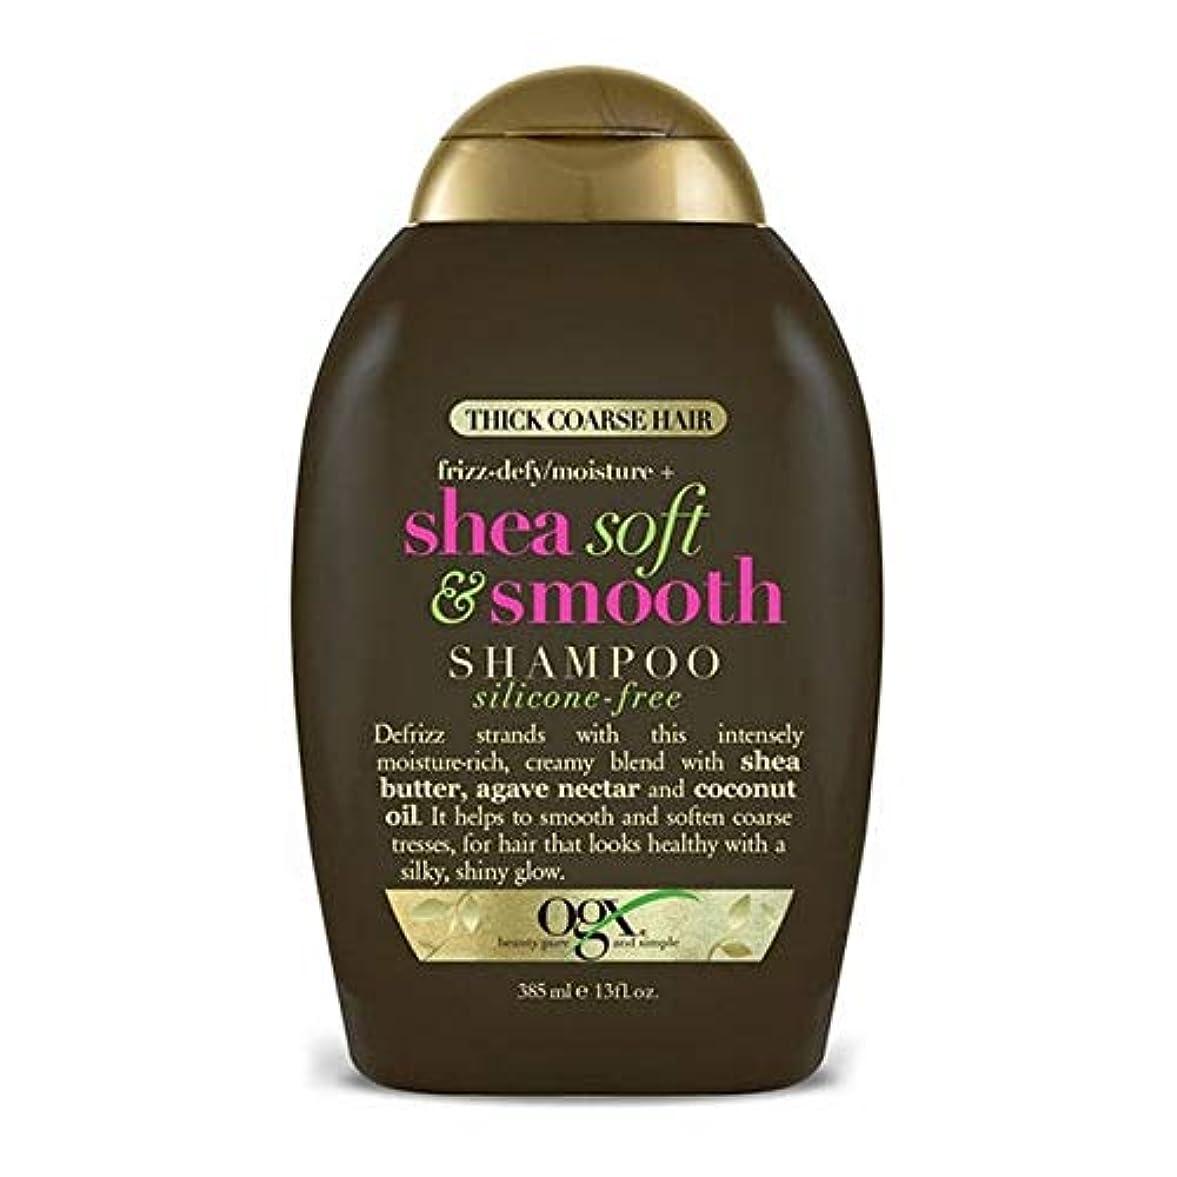 写真を描く社員ライバル[Ogx] Ogxシリコンフリーシアソフトで滑らかなシャンプー385ミリリットル - OGX Silicone-Free Shea Soft and Smooth Shampoo 385ml [並行輸入品]